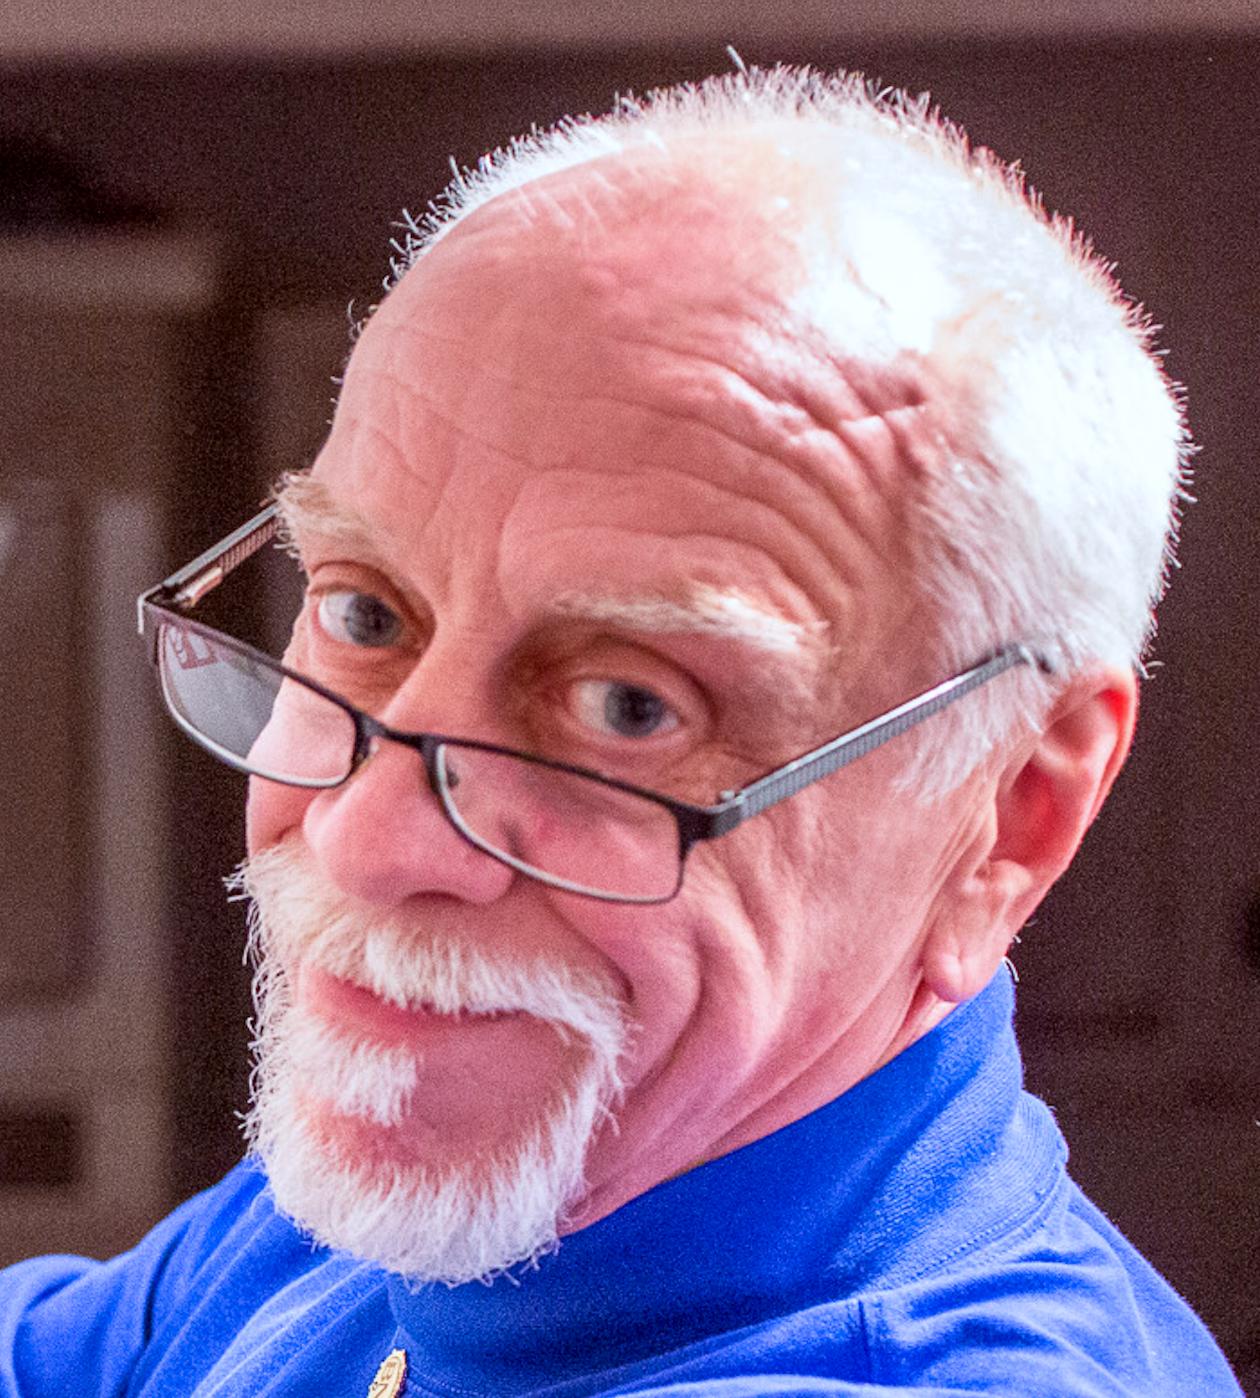 Klaus Vogt